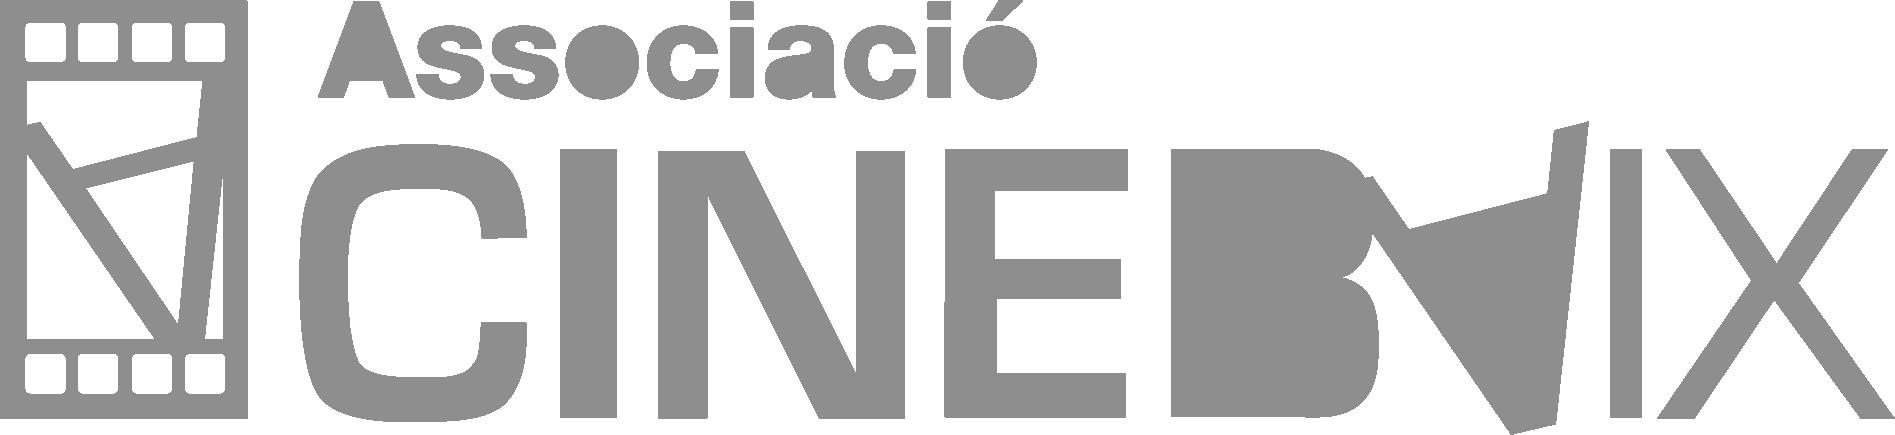 logo-associacio-CineBaix